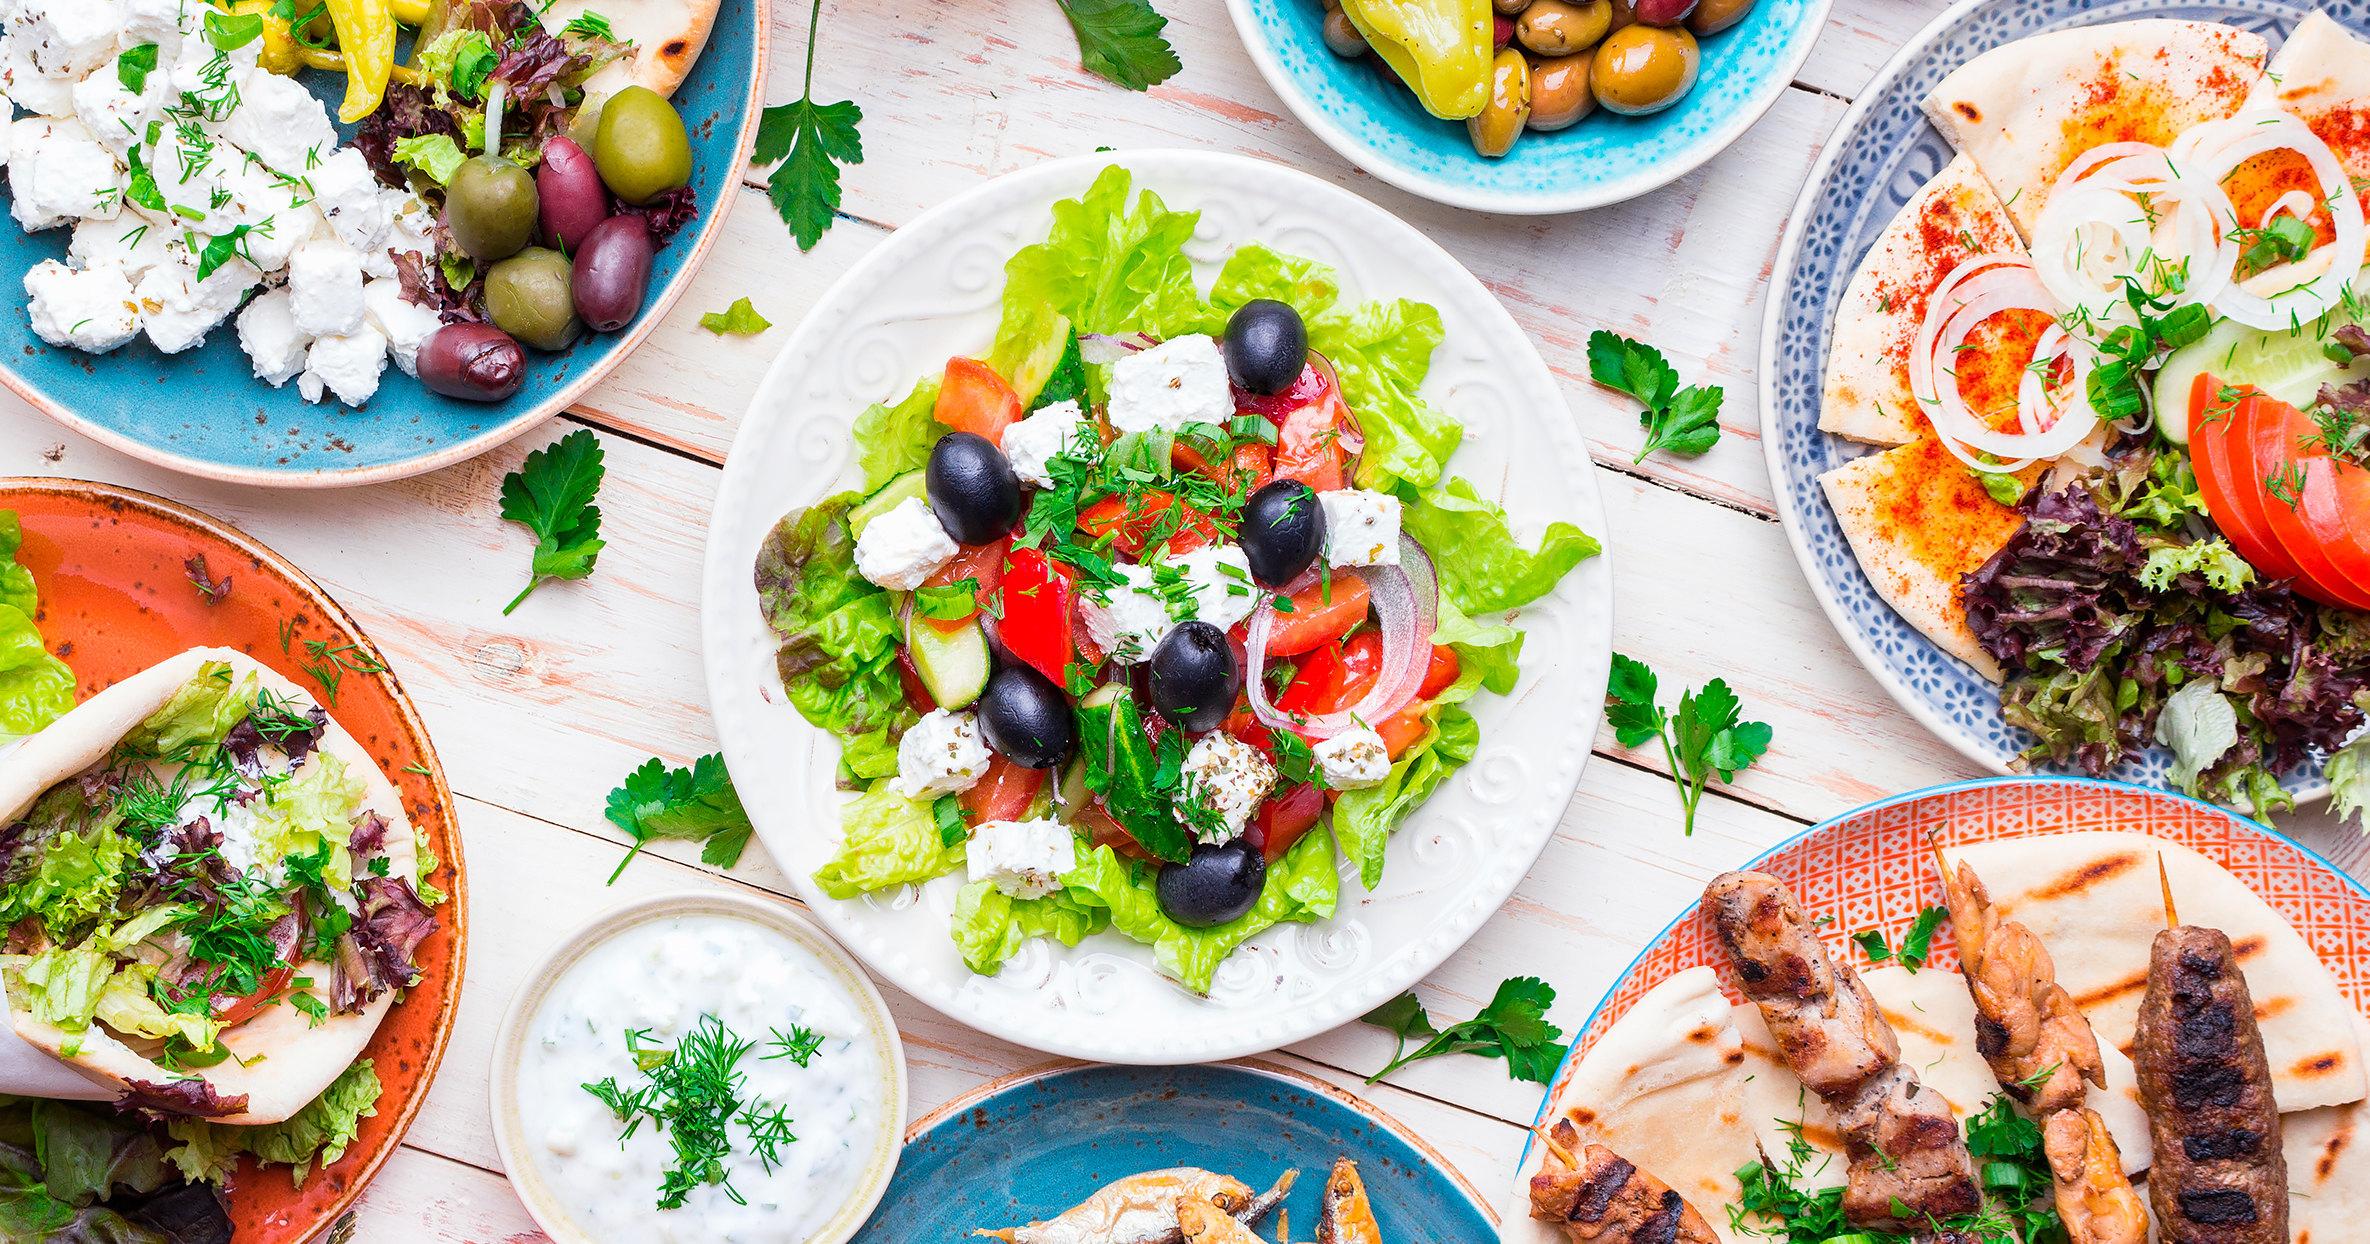 Средиземноморская диета: руководство и меню для желающих похудеть